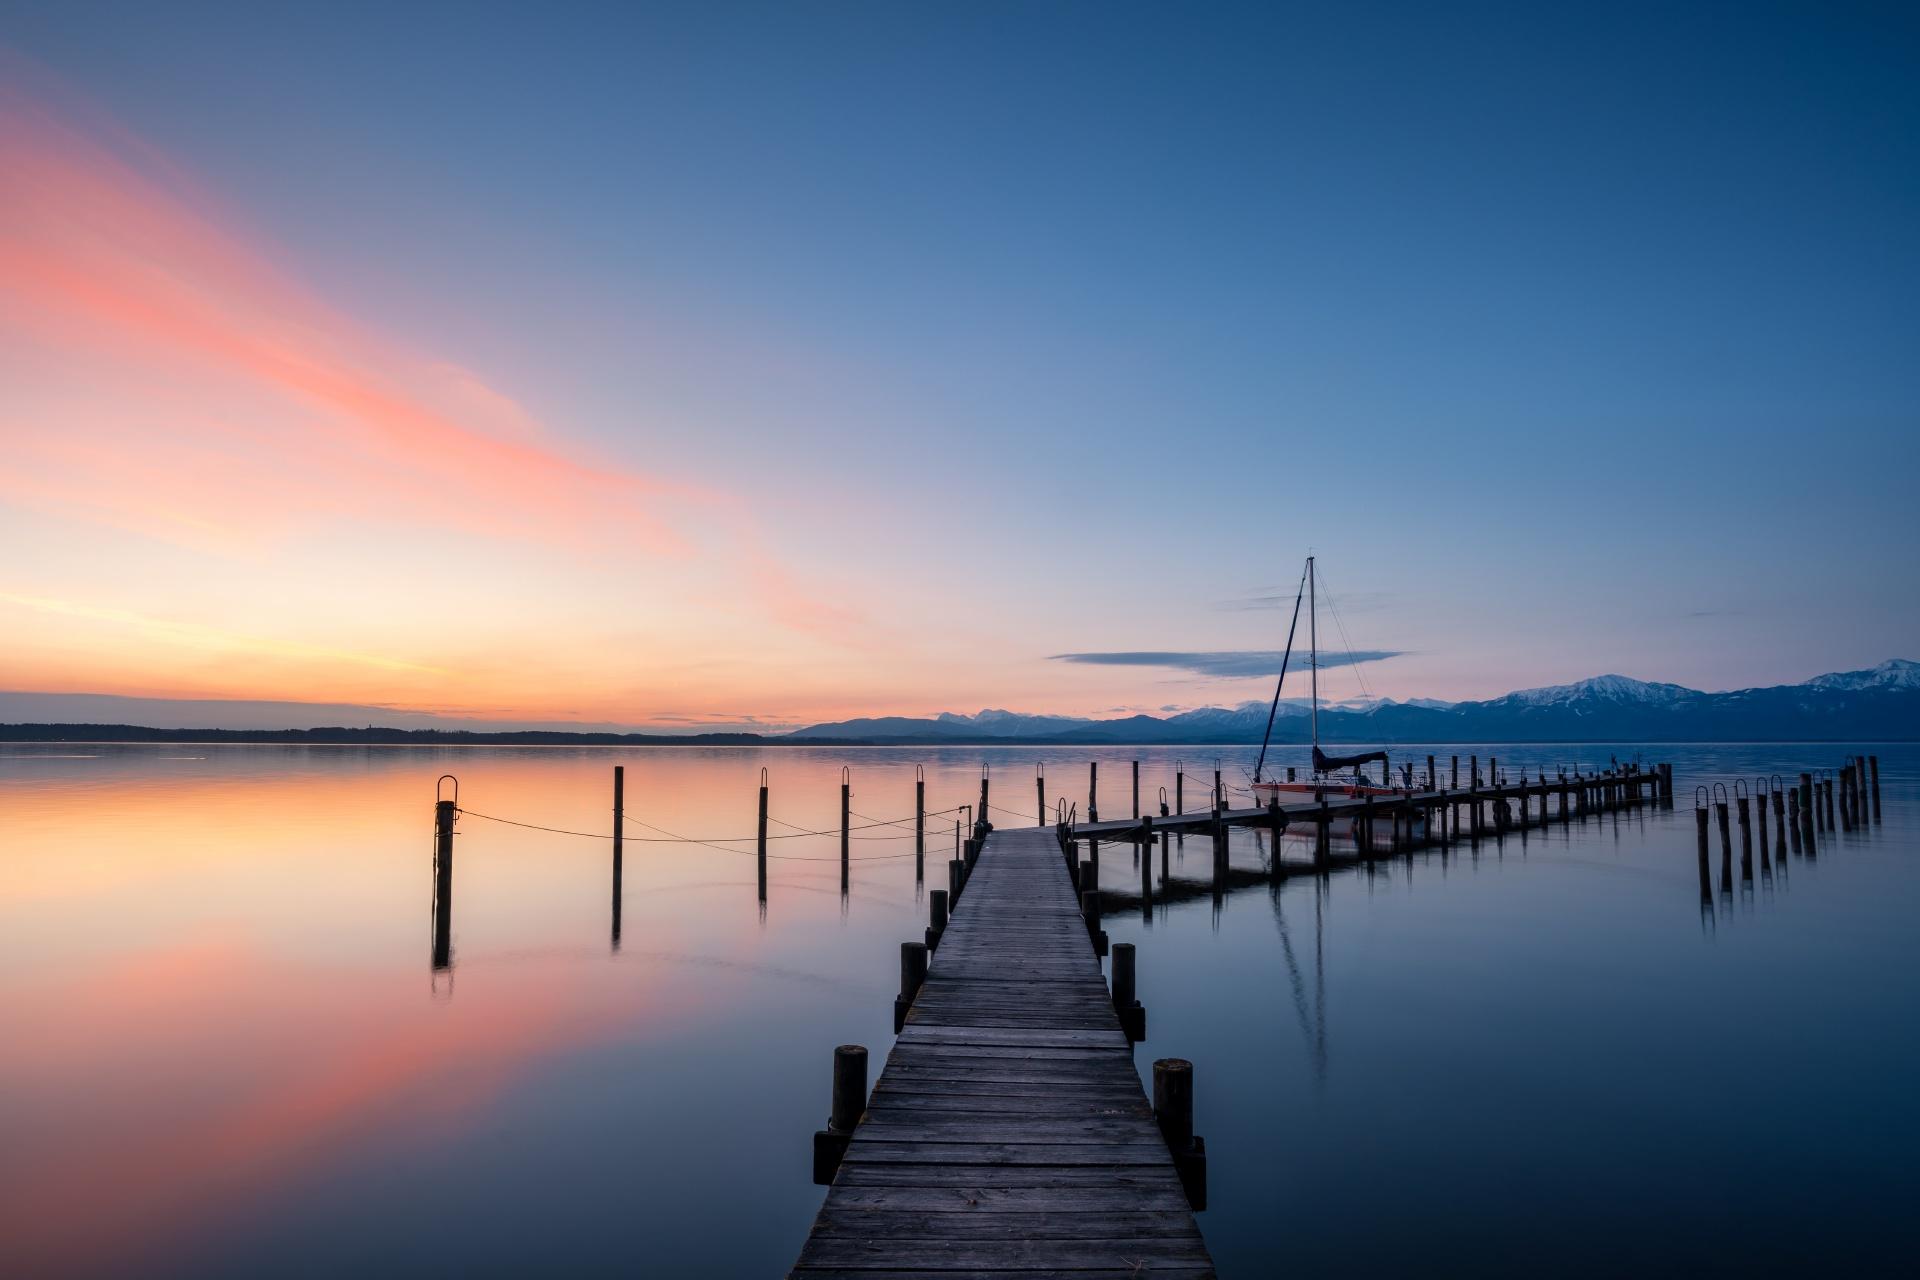 夜明けのキーム湖 ドイツの風景